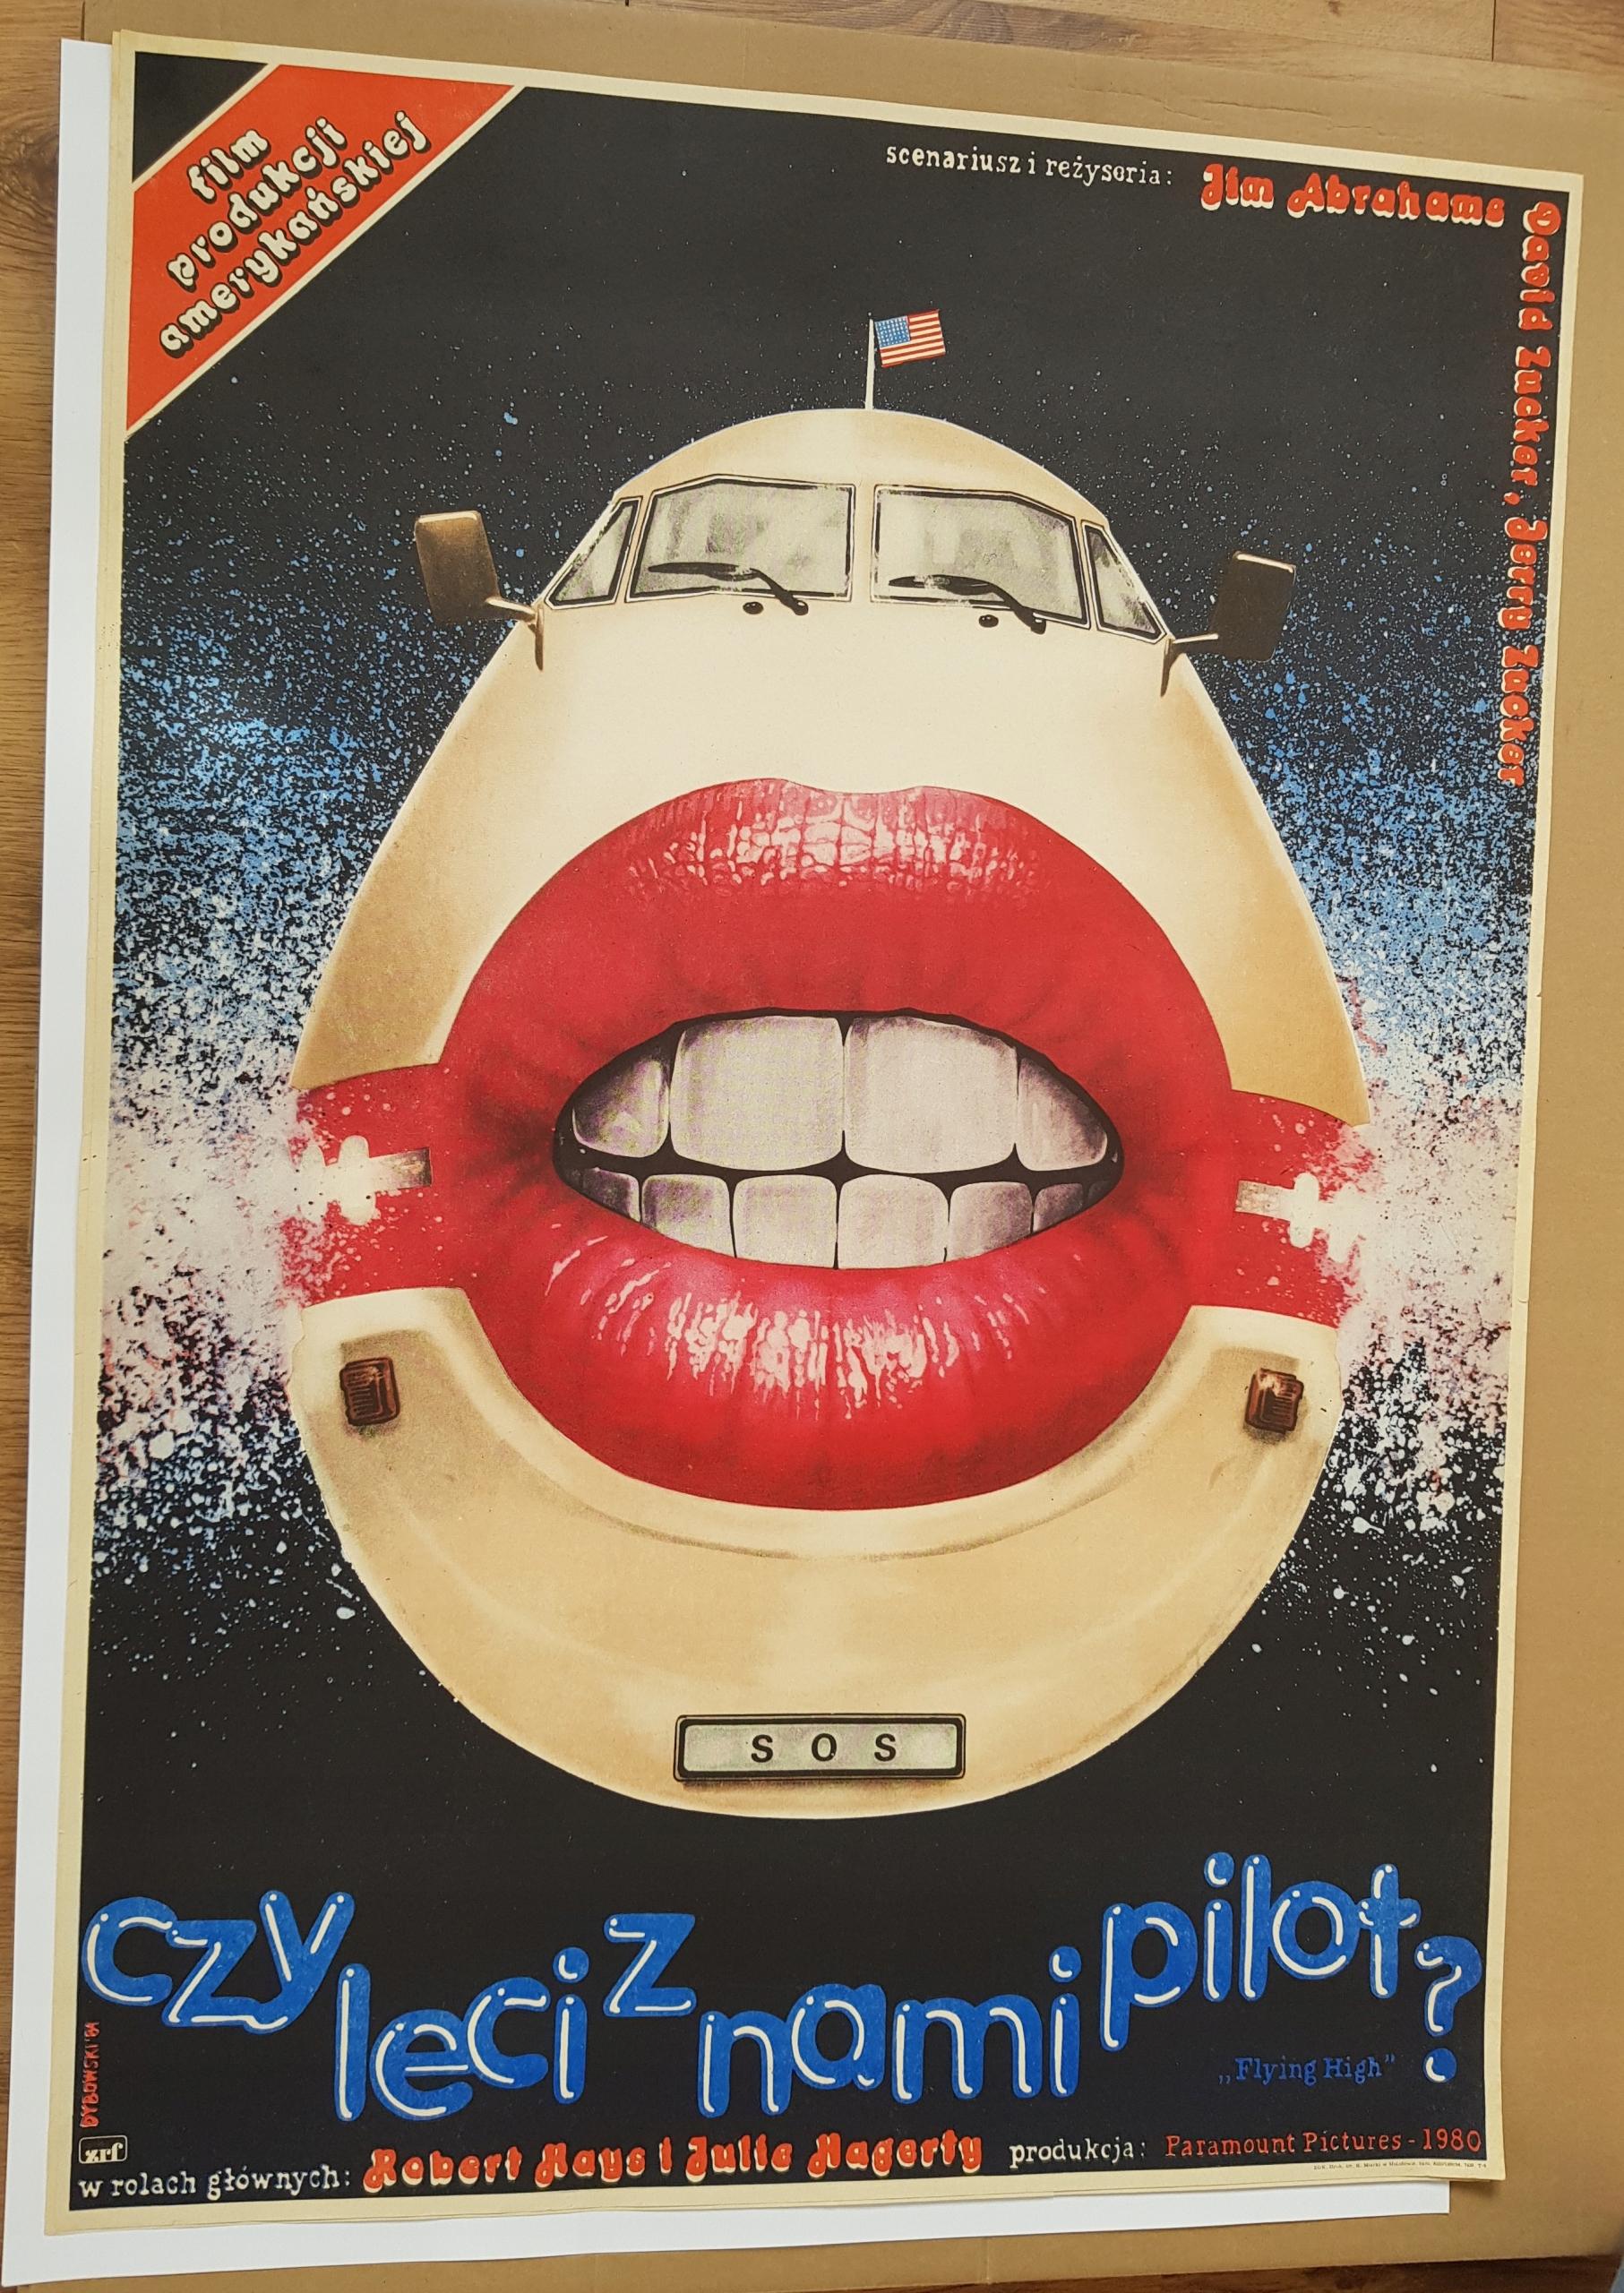 Plakat CZY LECI Z NAMI PILOT? - Dybowski '84